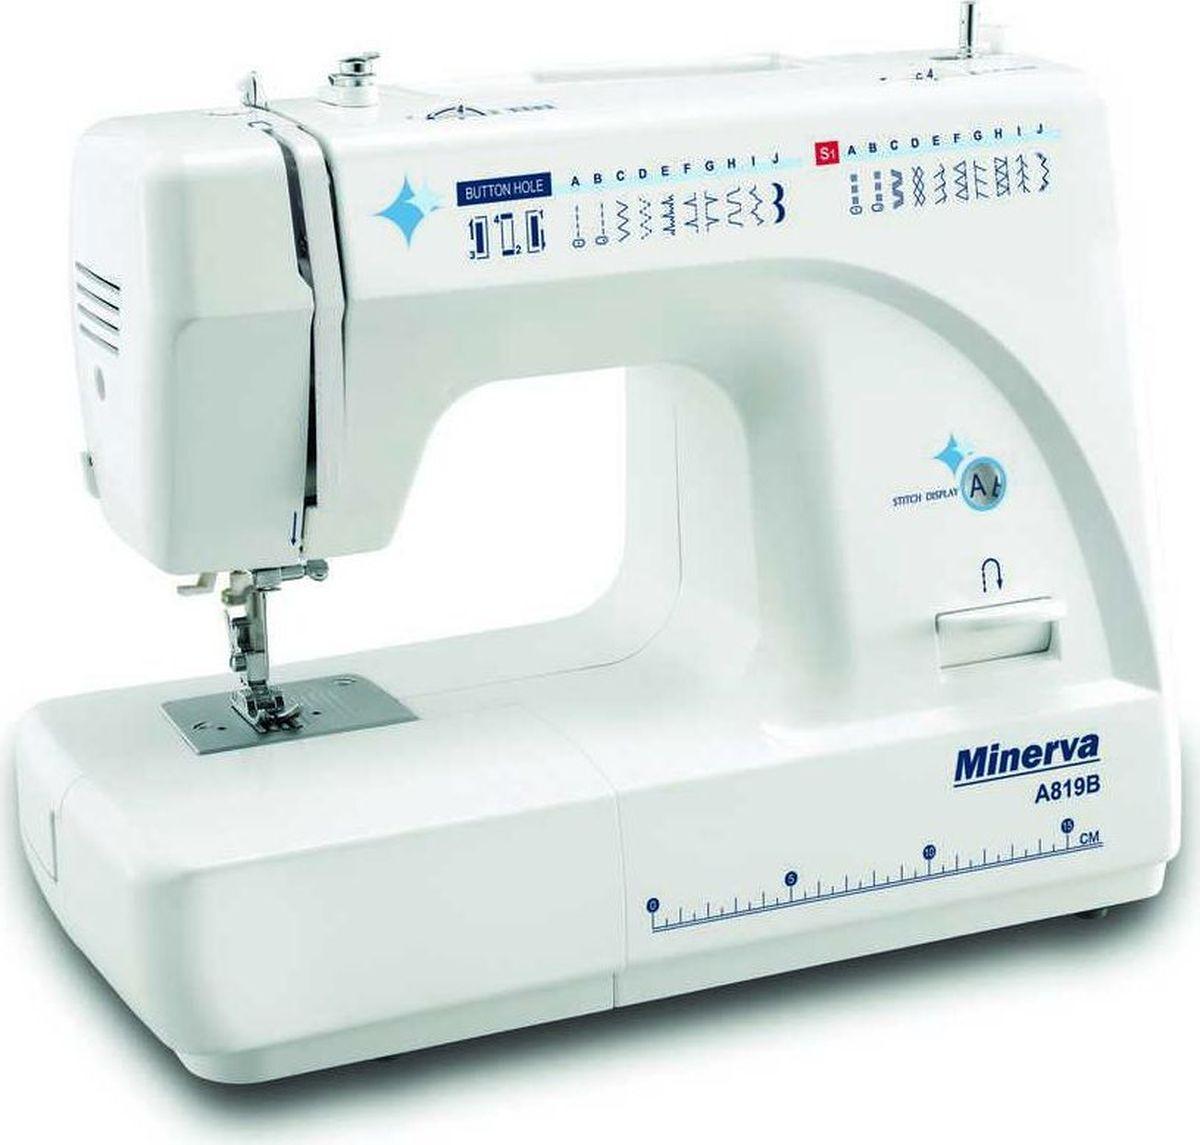 Minerva A819B швейная машина - Швейные машины и аксессуары